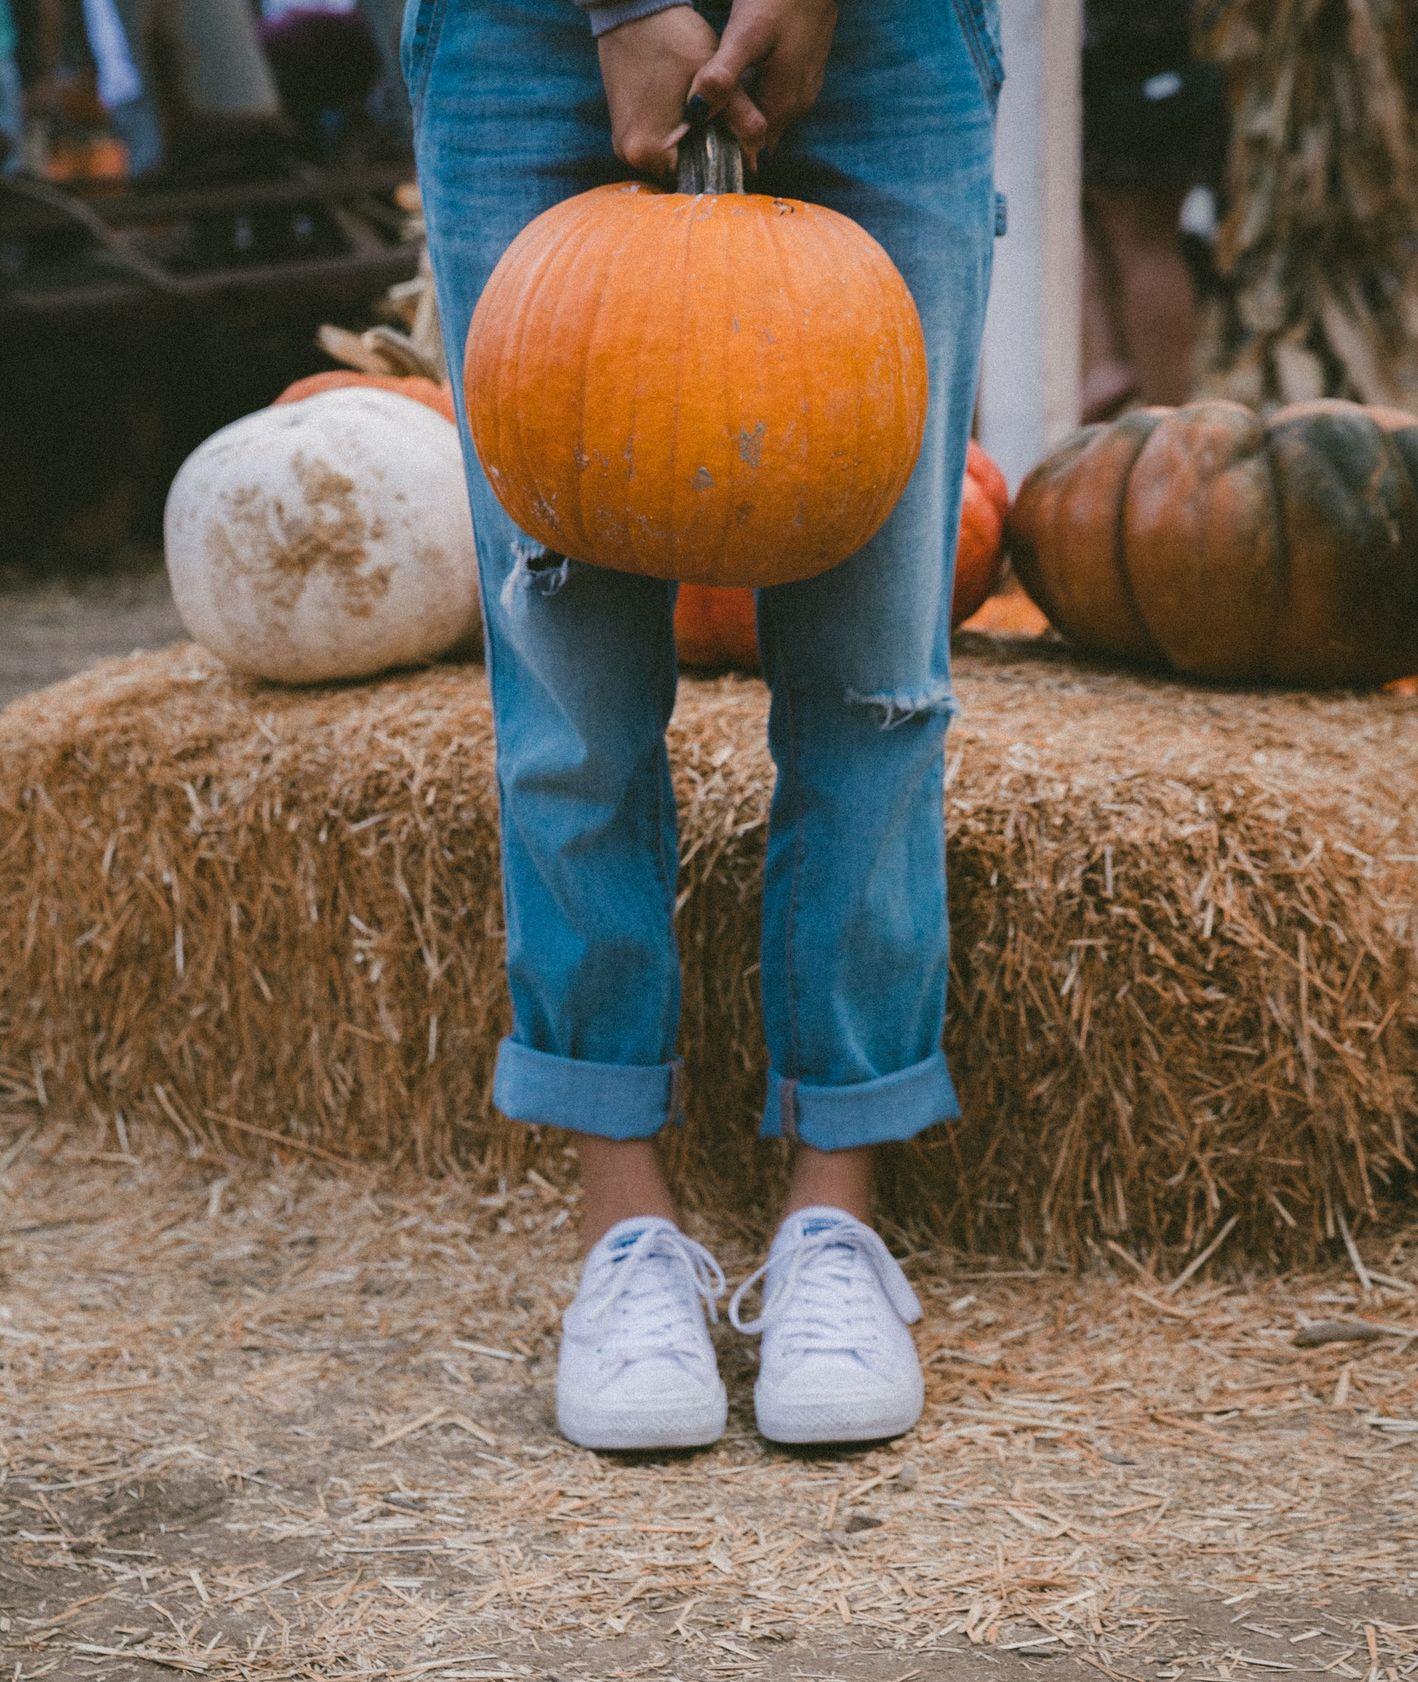 Kobieta trzymająca dynię (fot. Jakob Owens / unsplash.com)